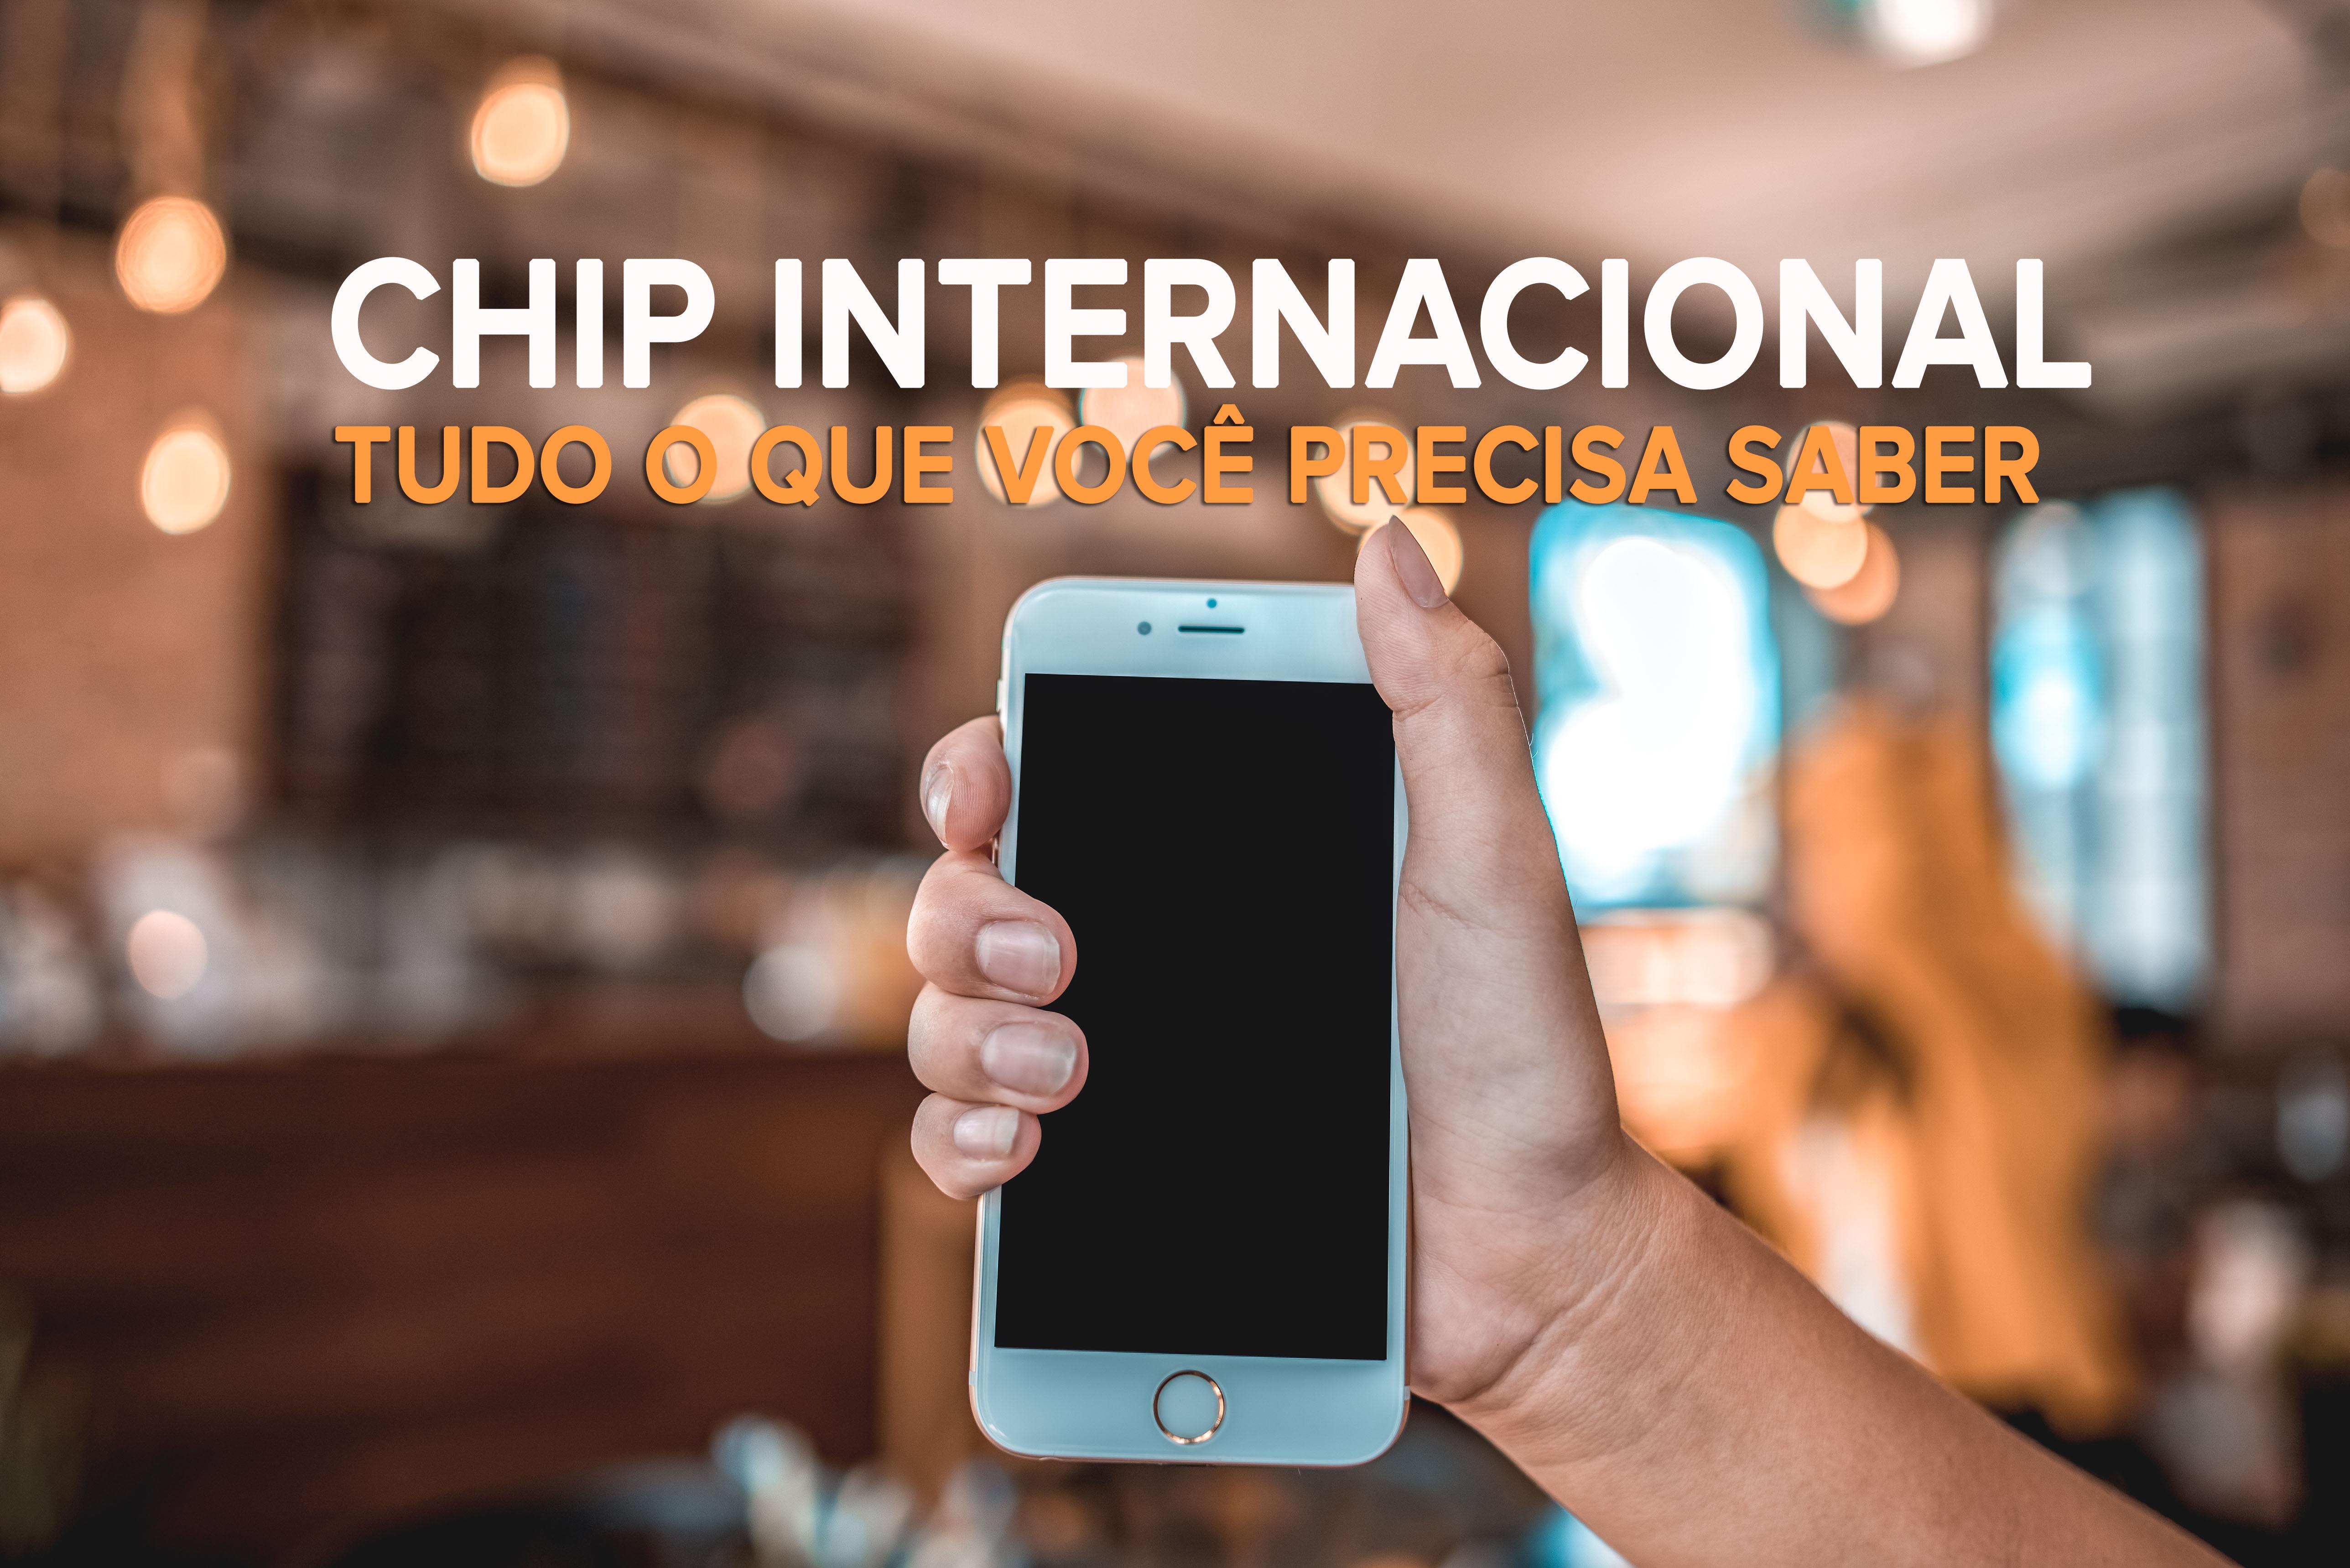 imagem de celular com chip internacional